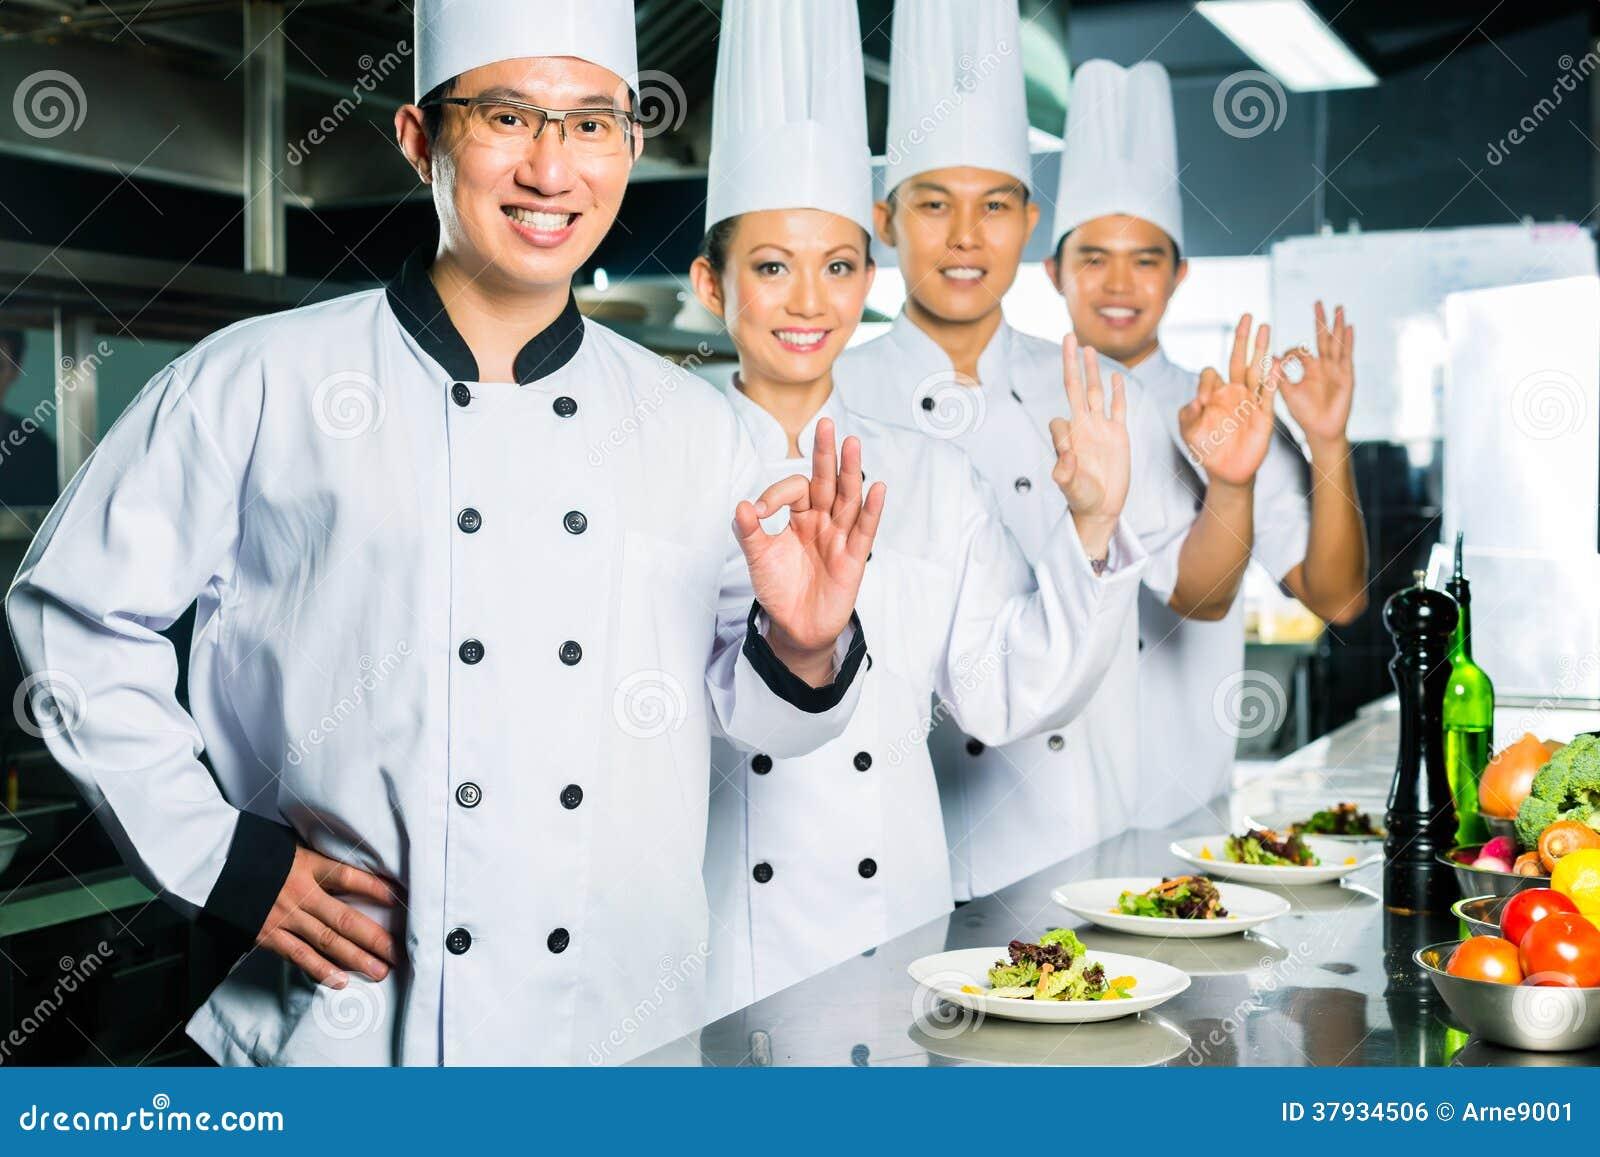 Chef asiatique dans la cuisson de cuisine de restaurant for Apprendre cuisine asiatique